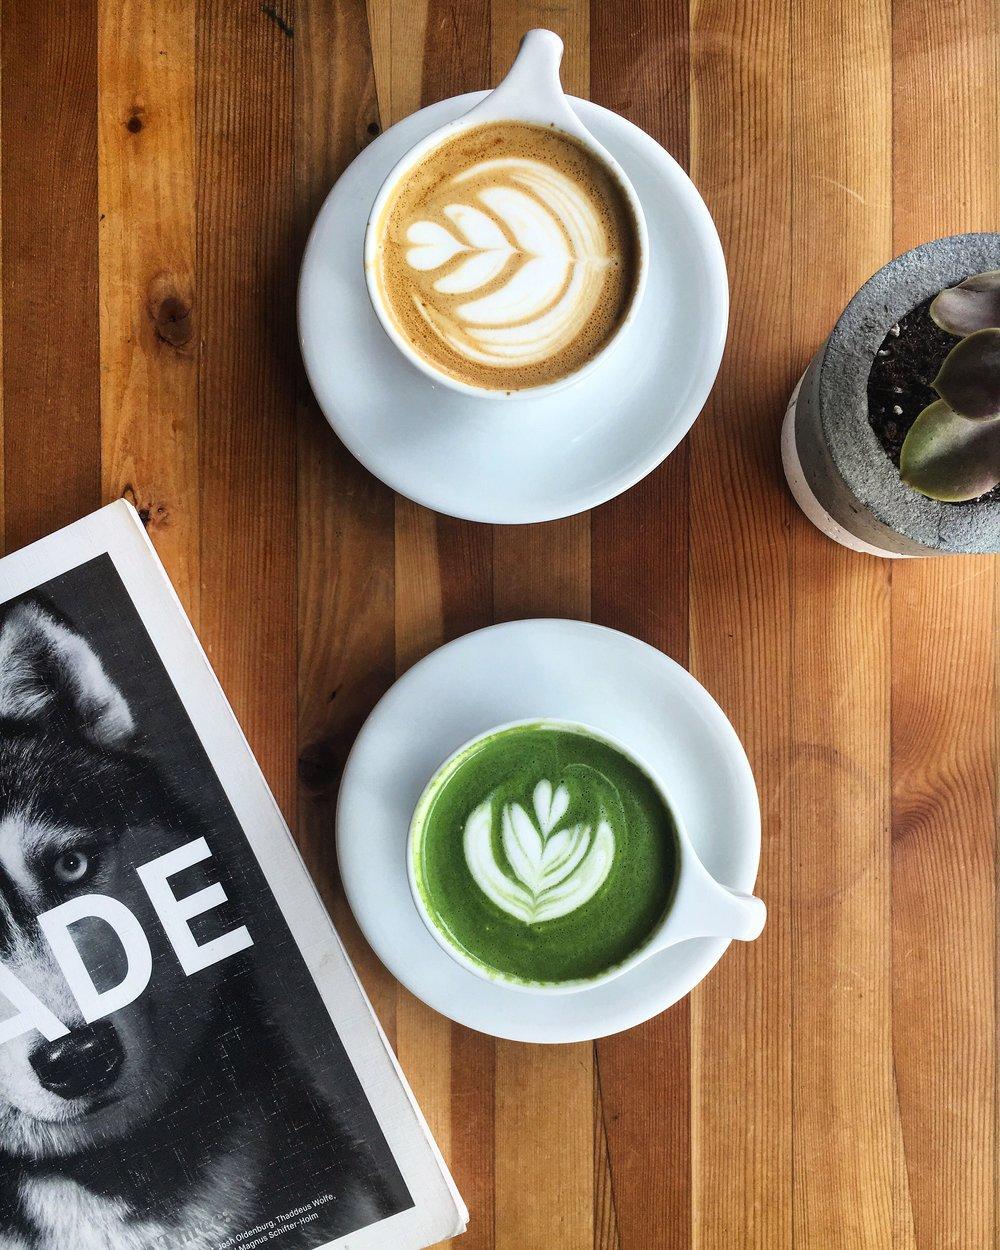 Propaganda Coffee  @propagandacoffee